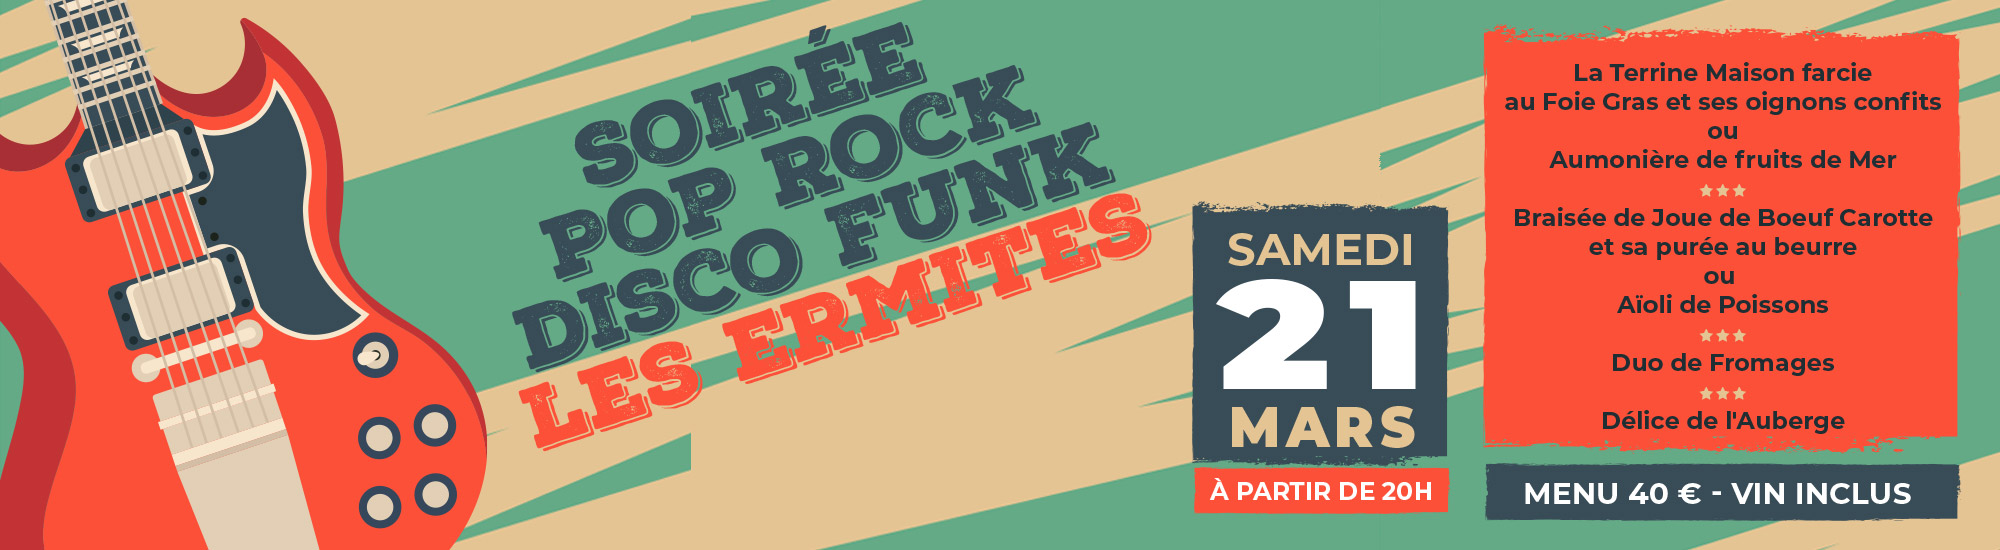 Les Ermites - Soirée Pop Rock Disco Funk